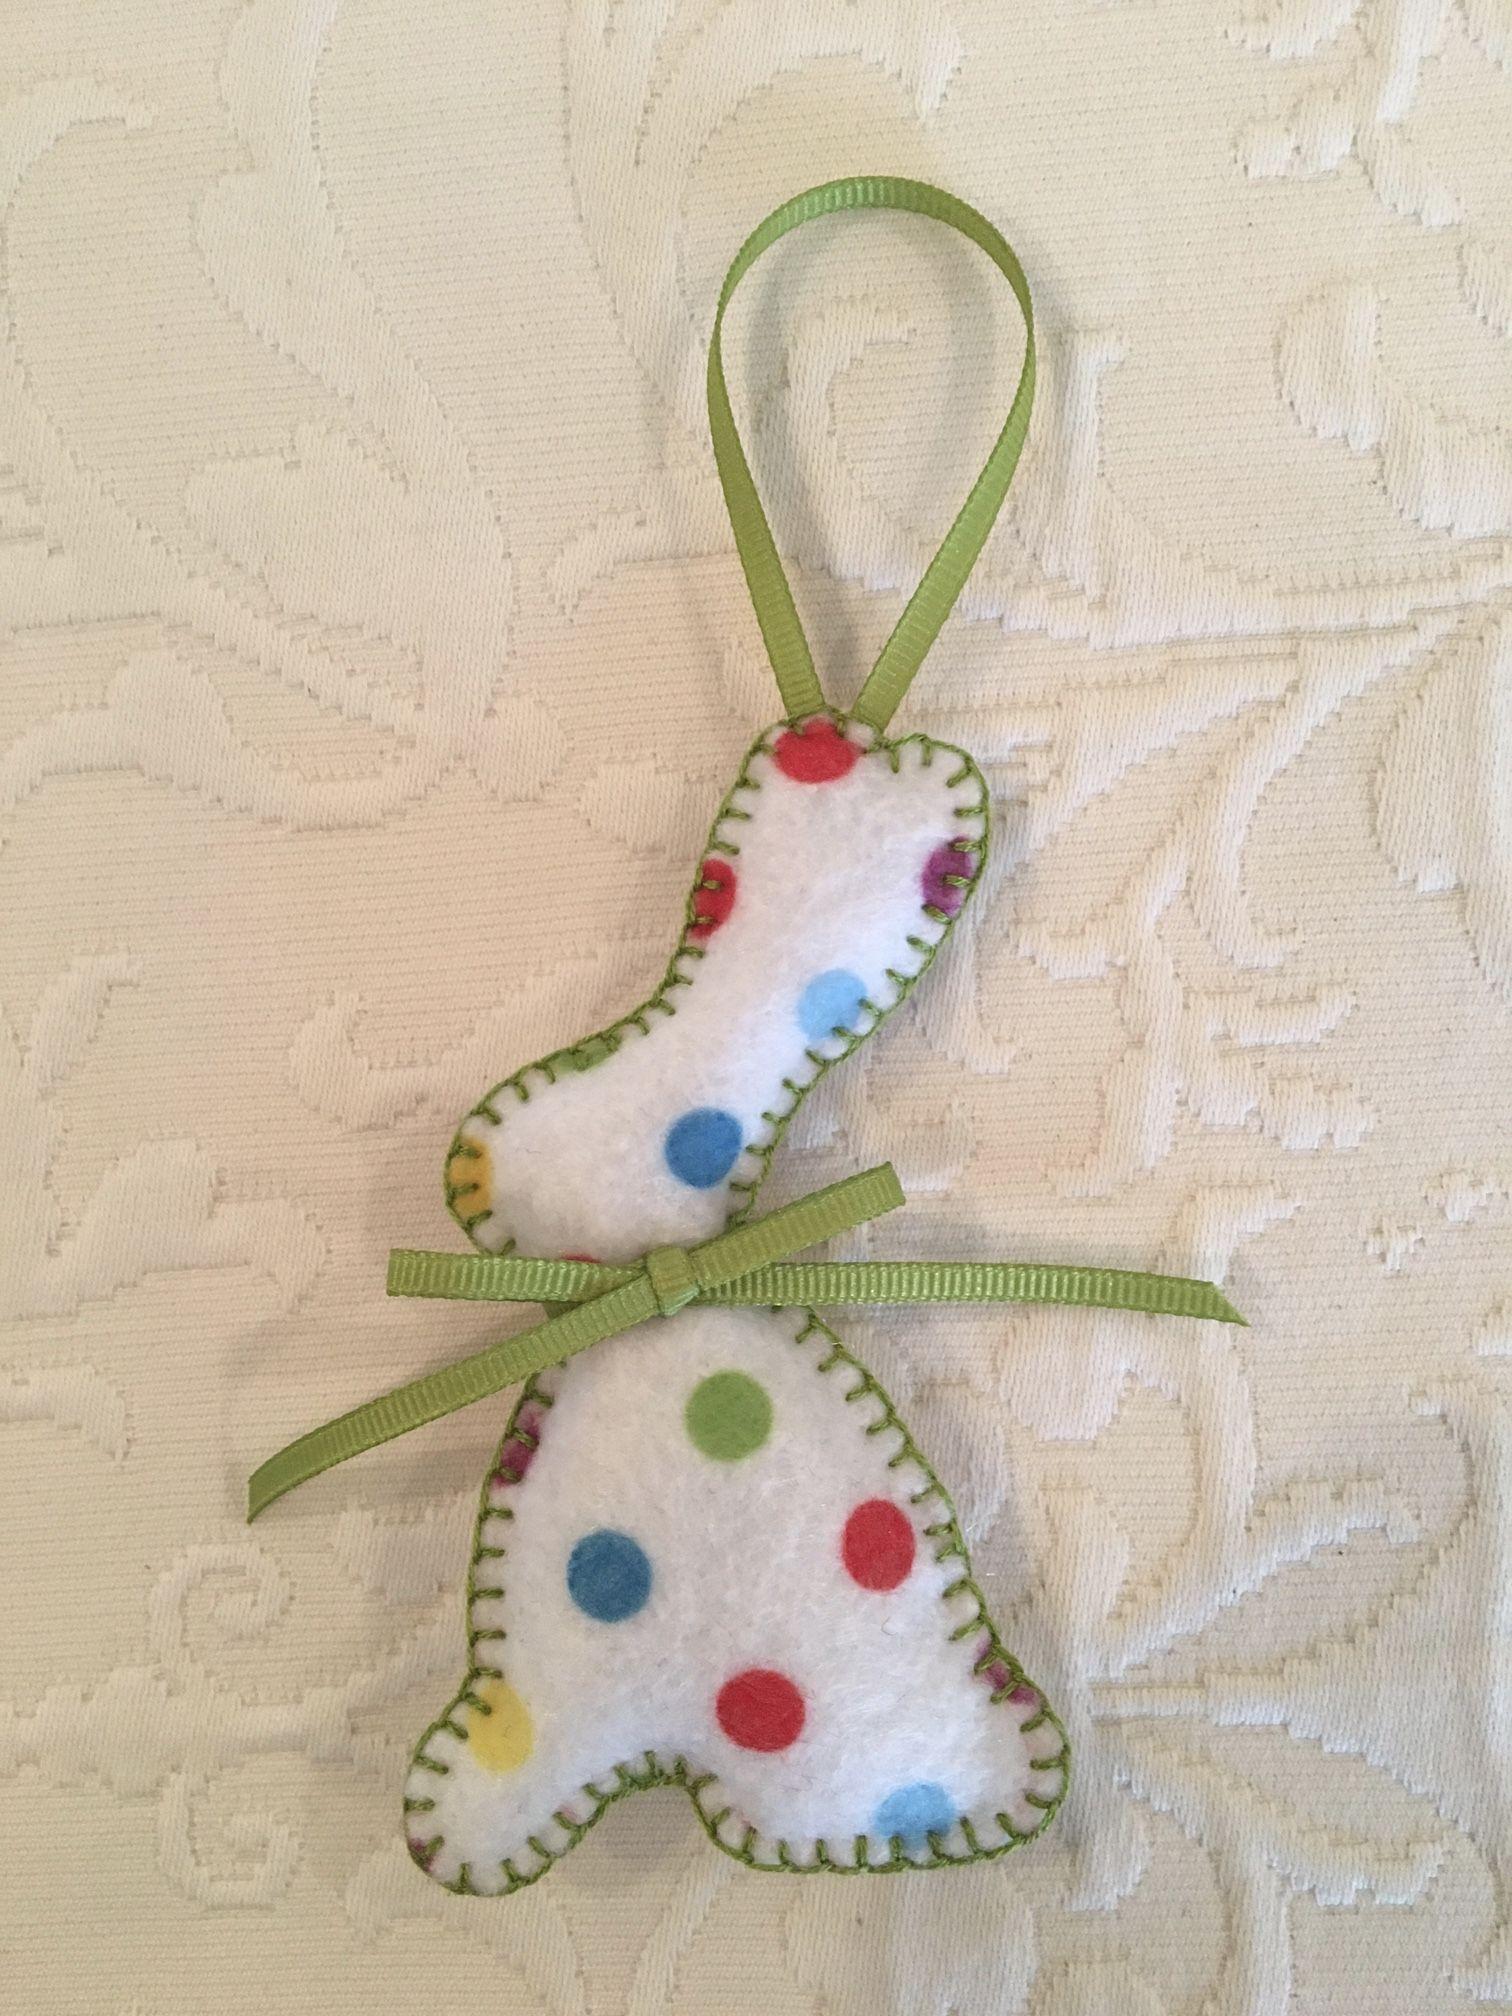 Felt crafts, felt ornament, bunny, bunny felt, rabbit, rabbit felt, Easter, made by Janis